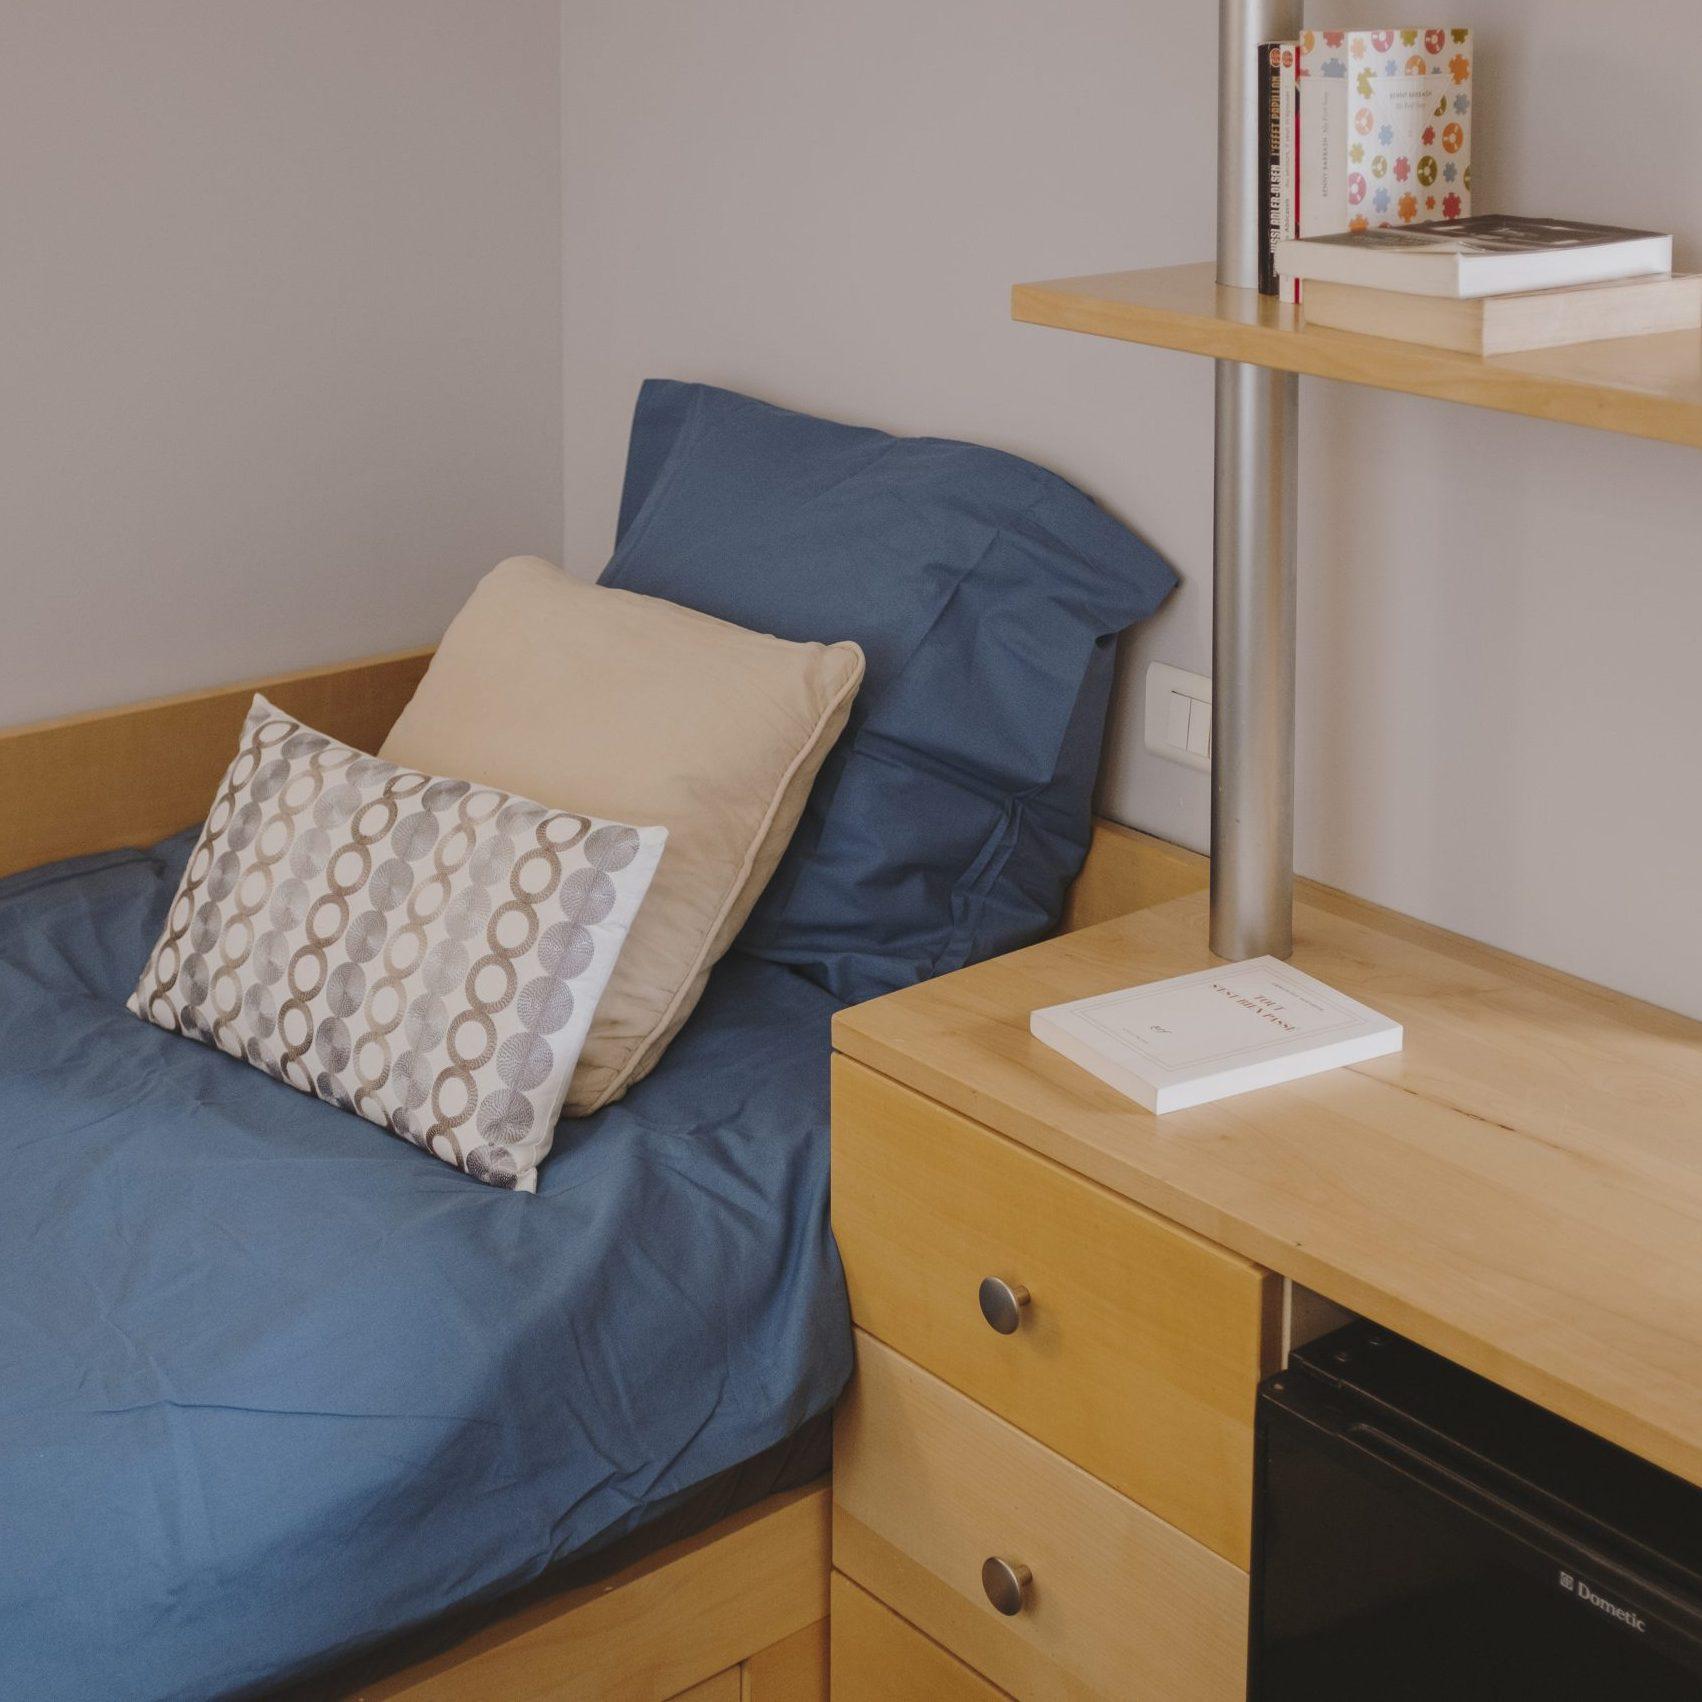 Lit - petite chambre